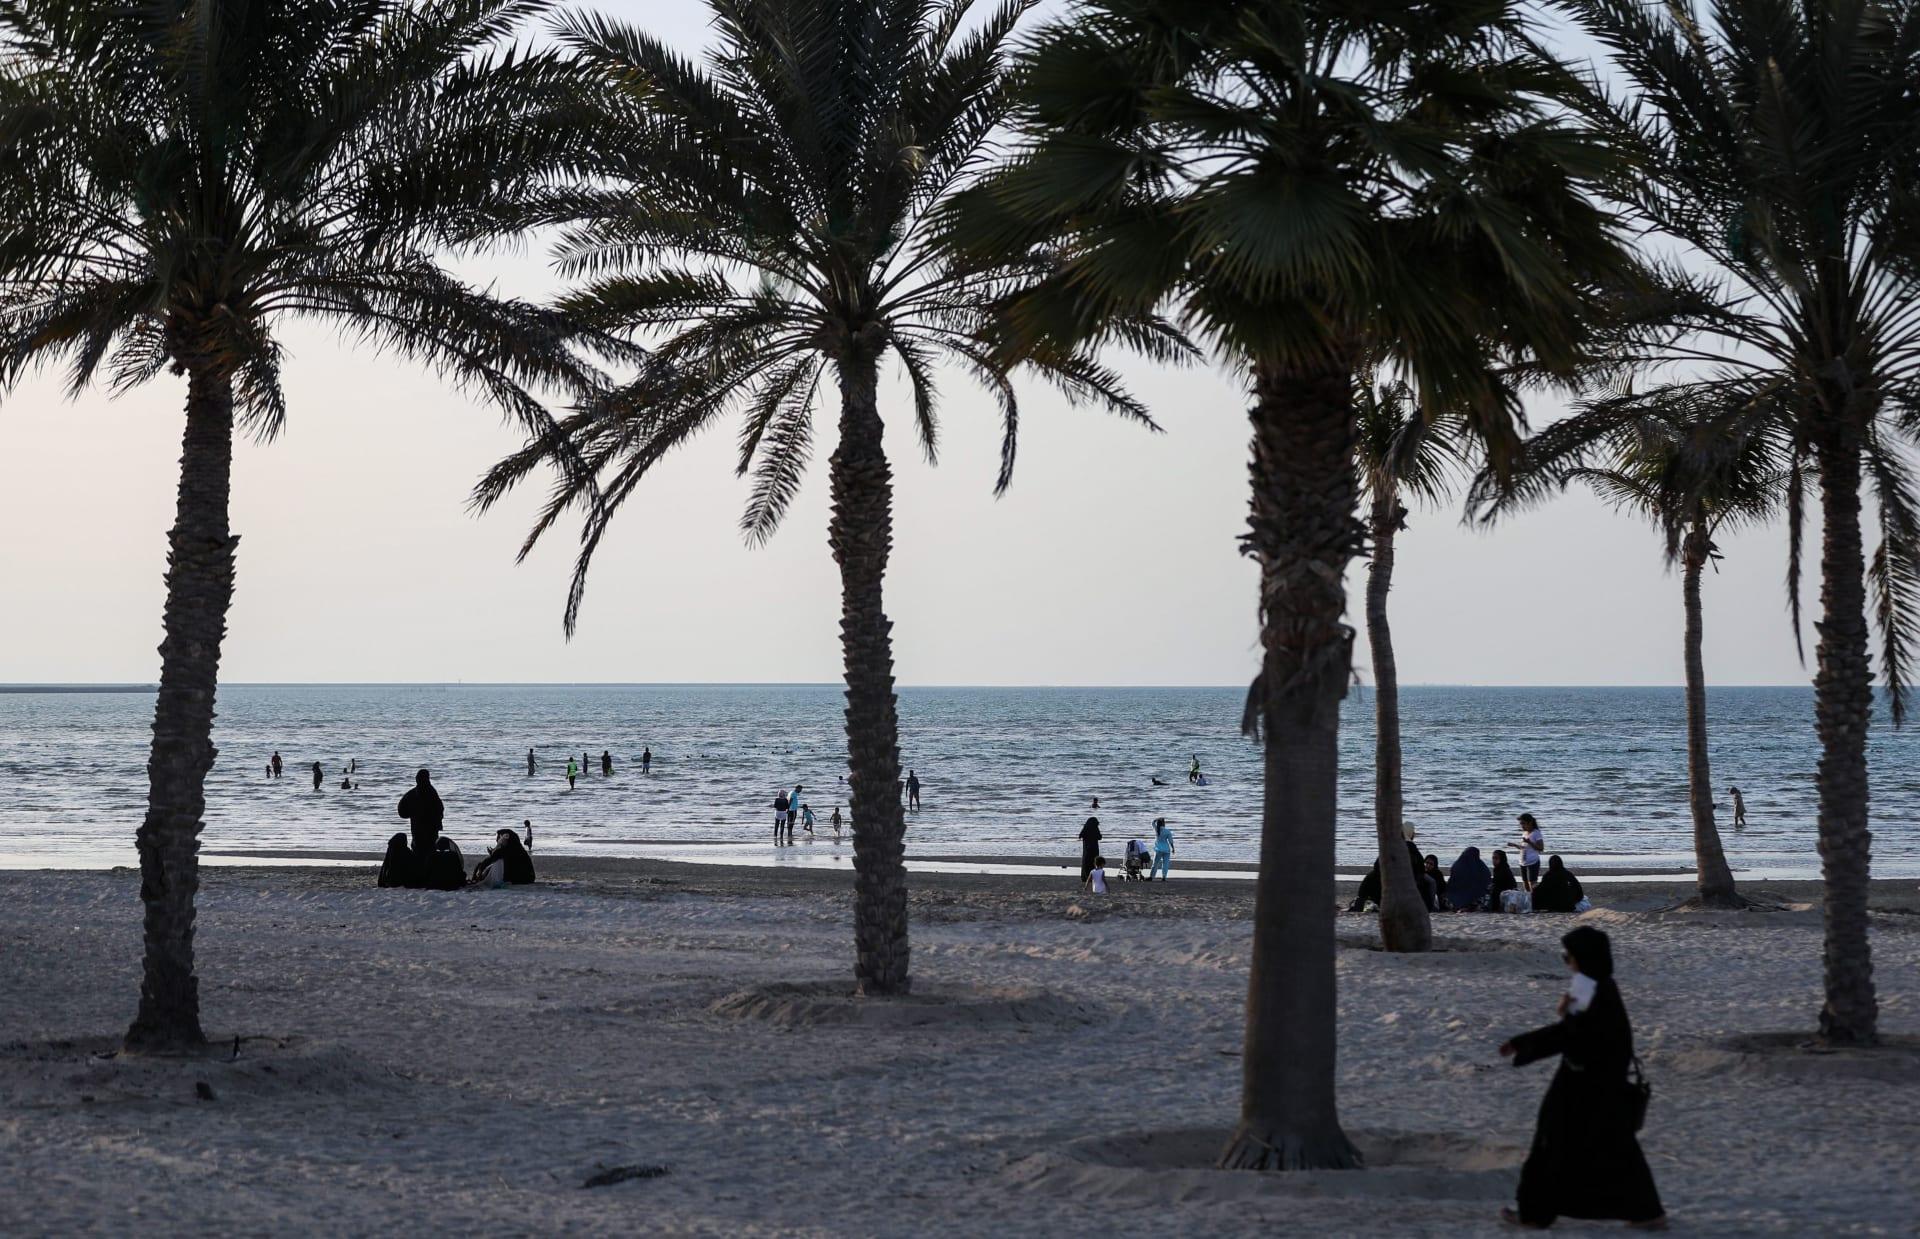 ما سبب ظهور الثعابين البحرية في بعض شواطئ أبوظبي بالإمارات؟